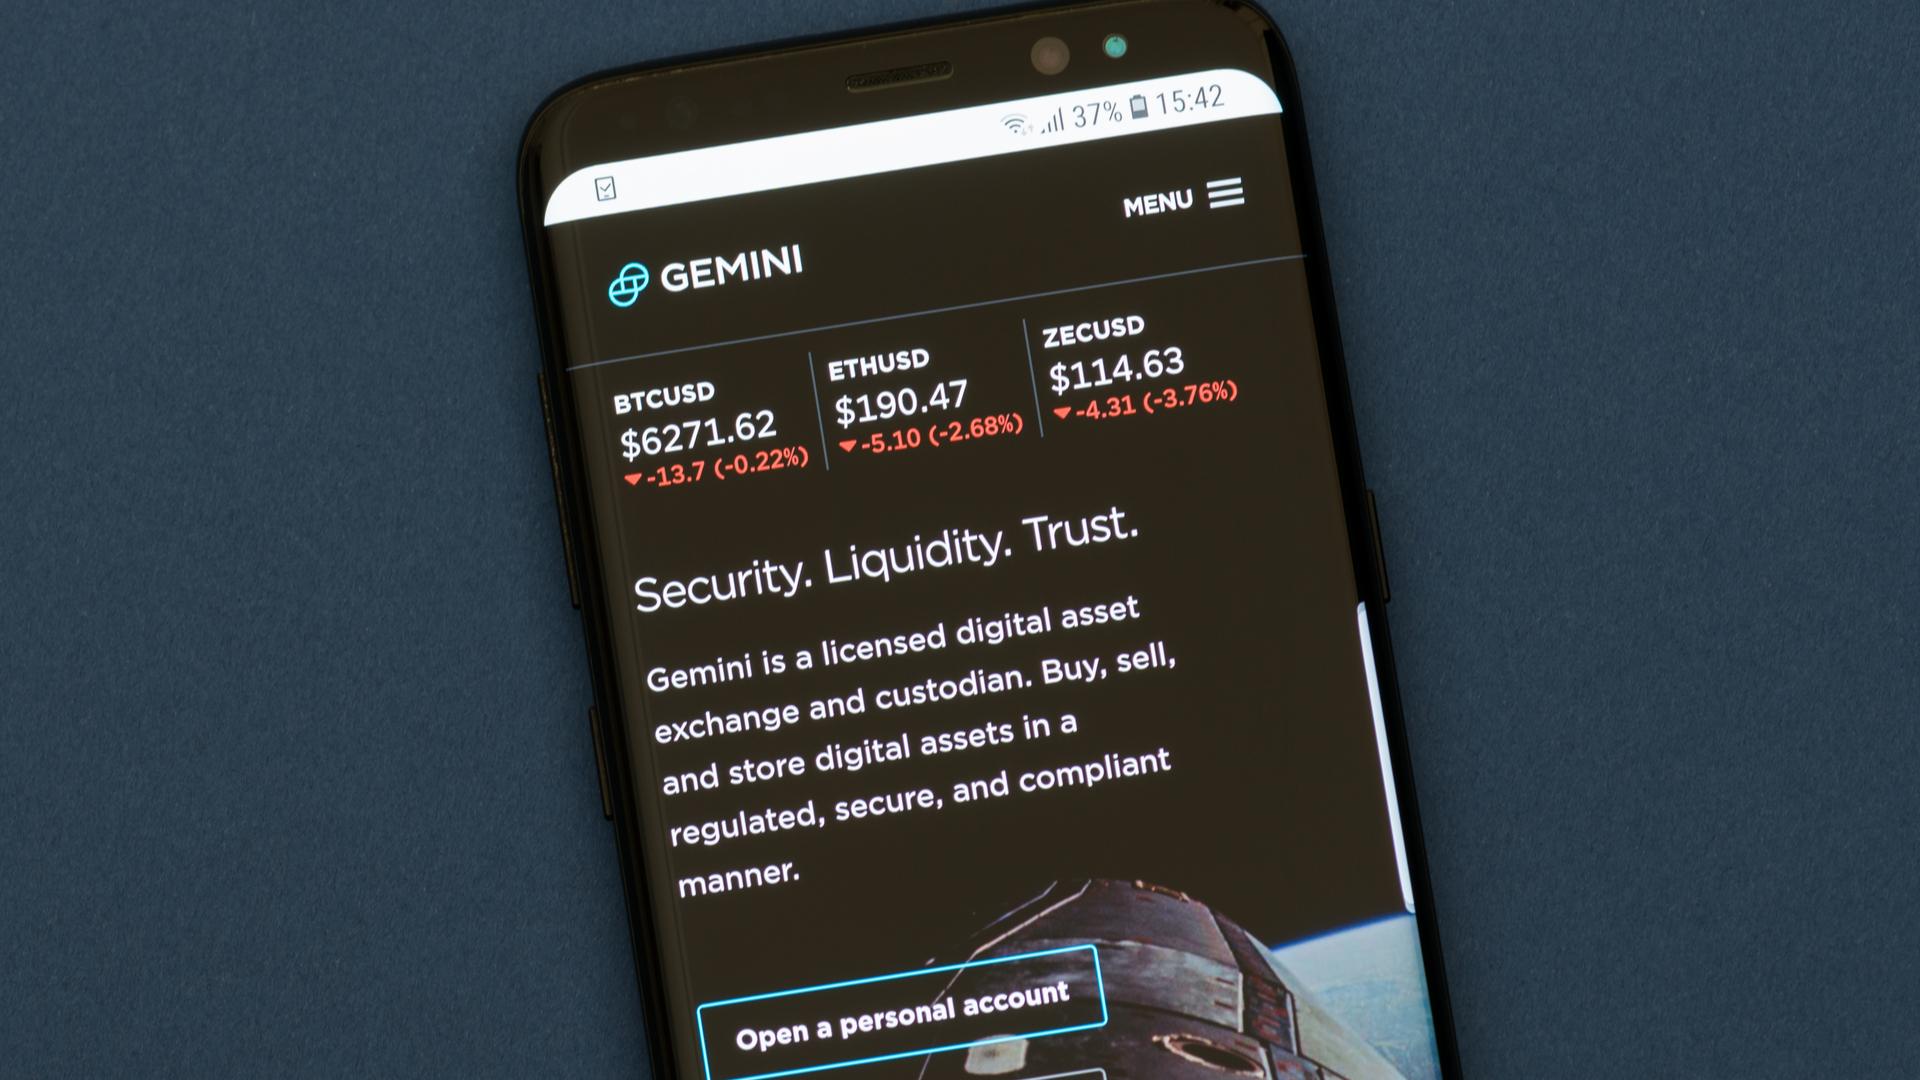 Samsung's blockchain wallet intragtes crypto exchange Gemini